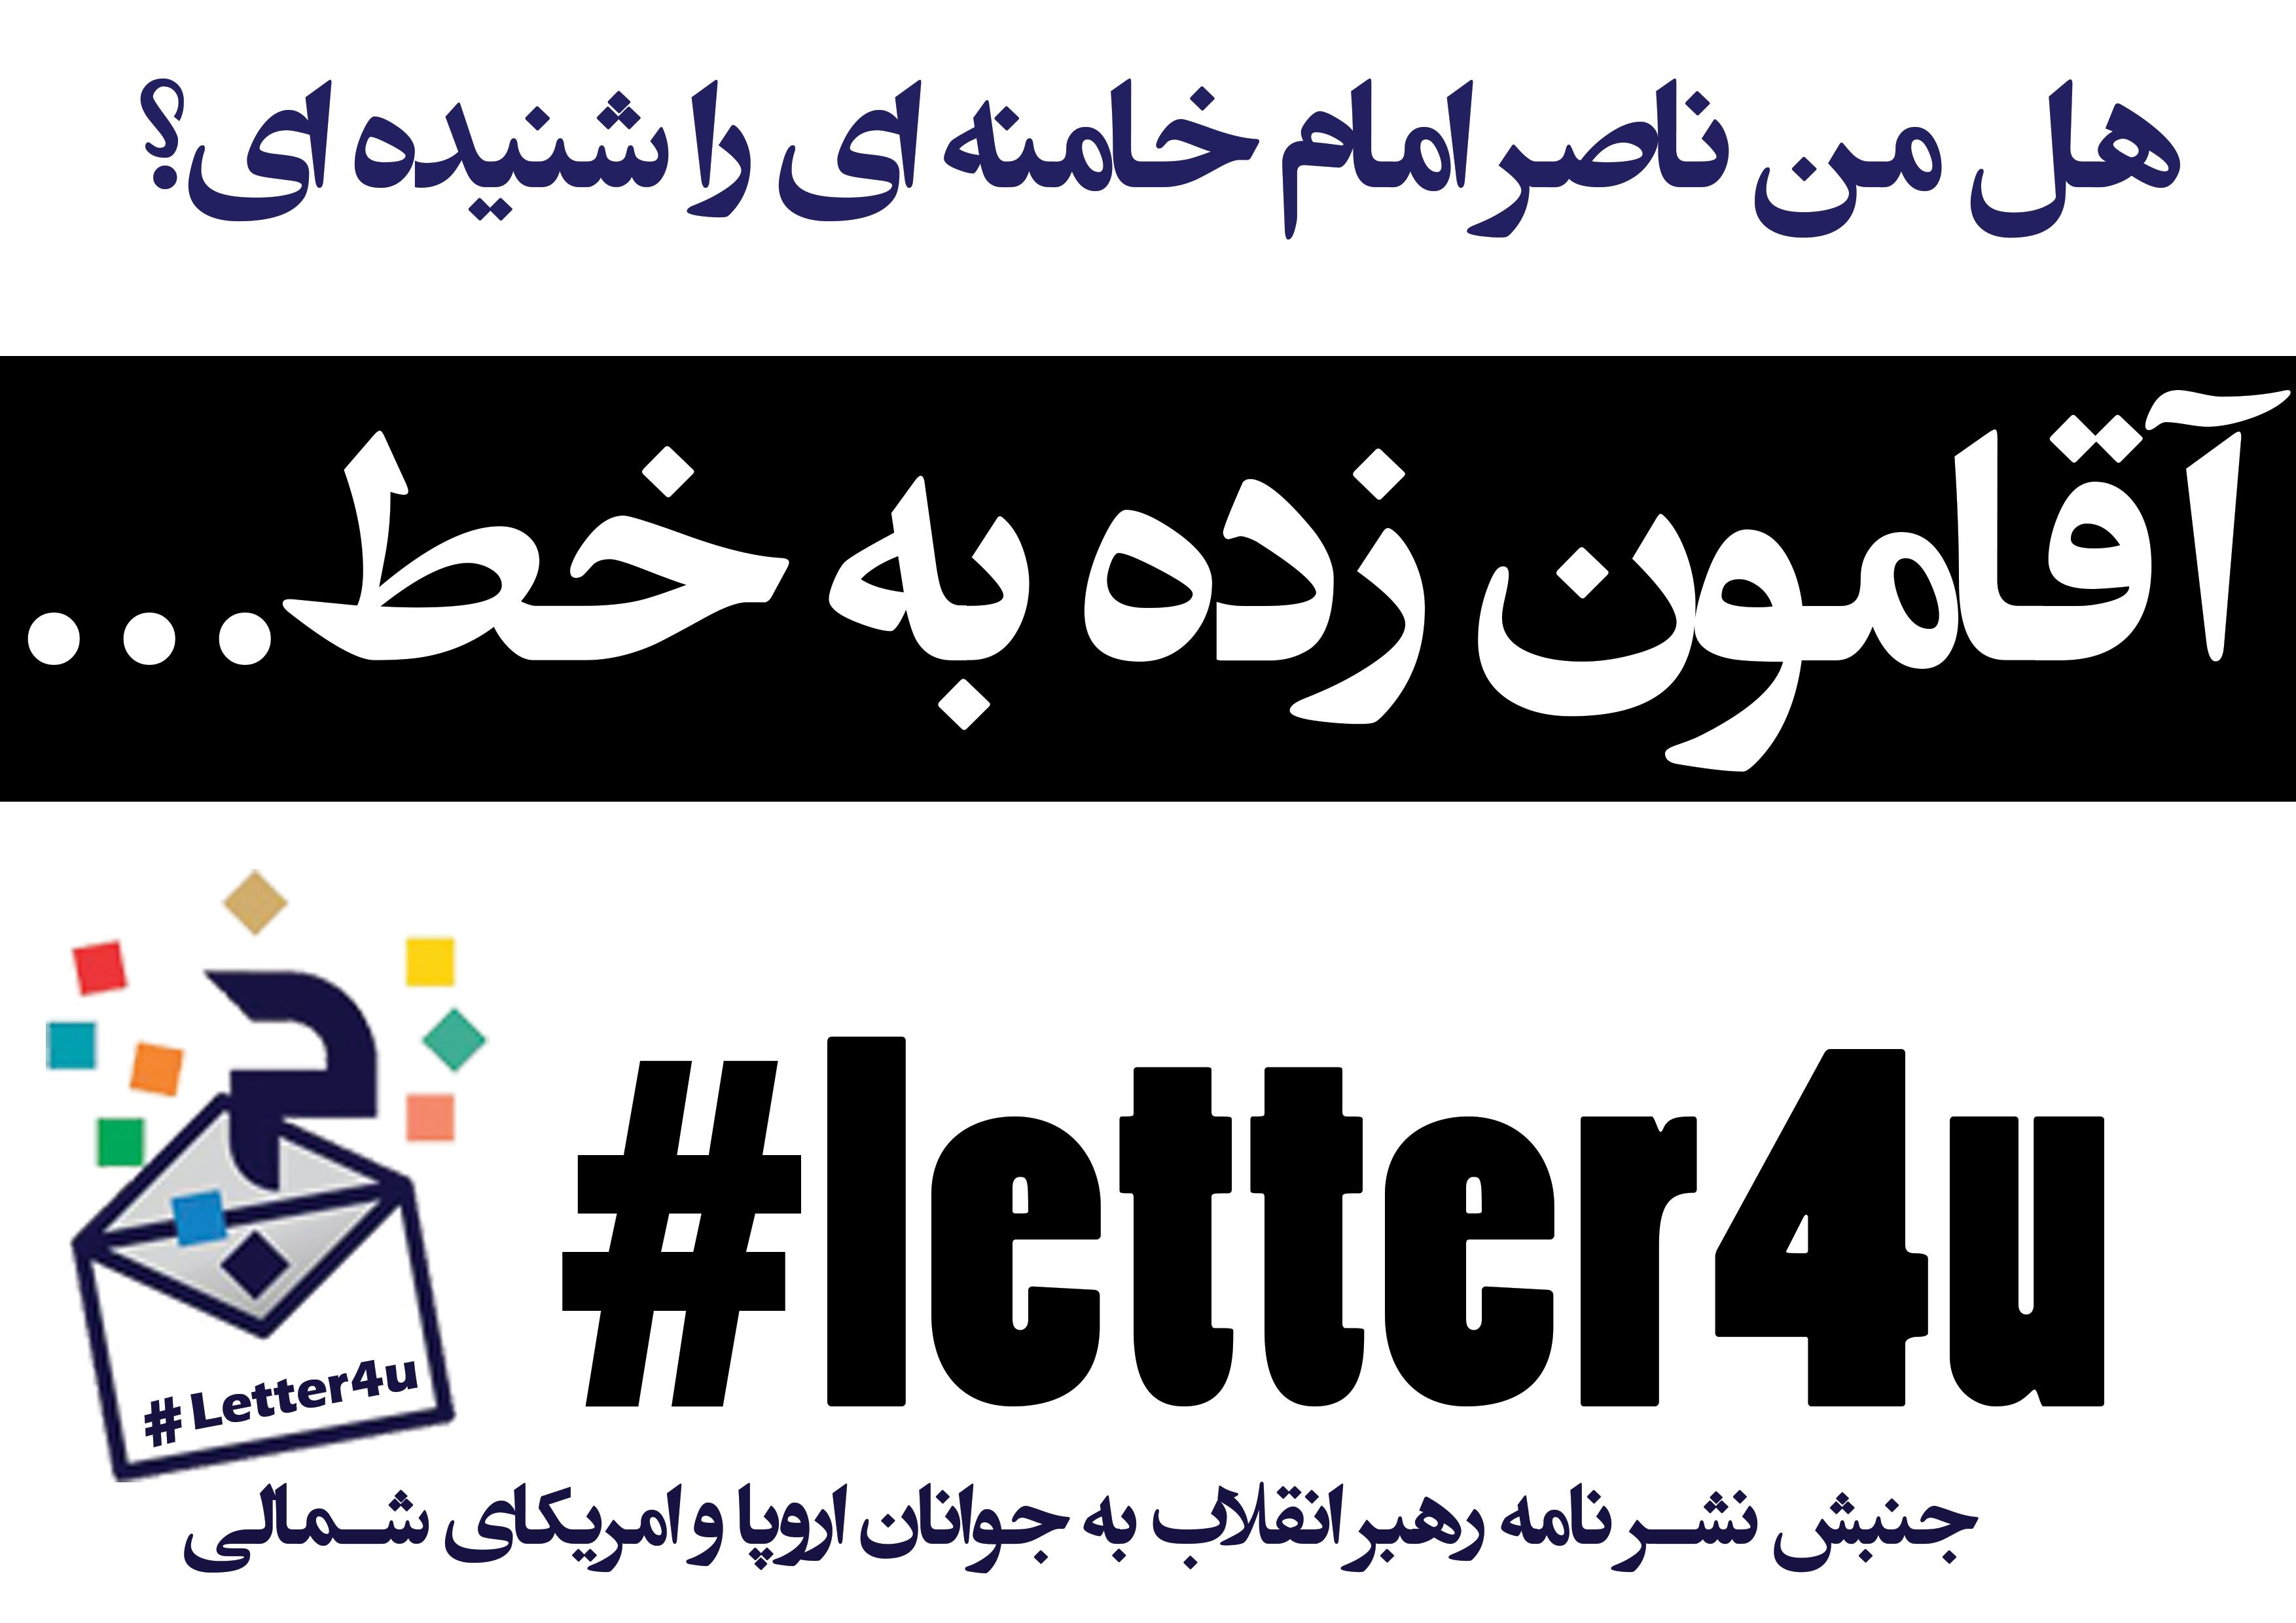 letter4u-22bahman-4